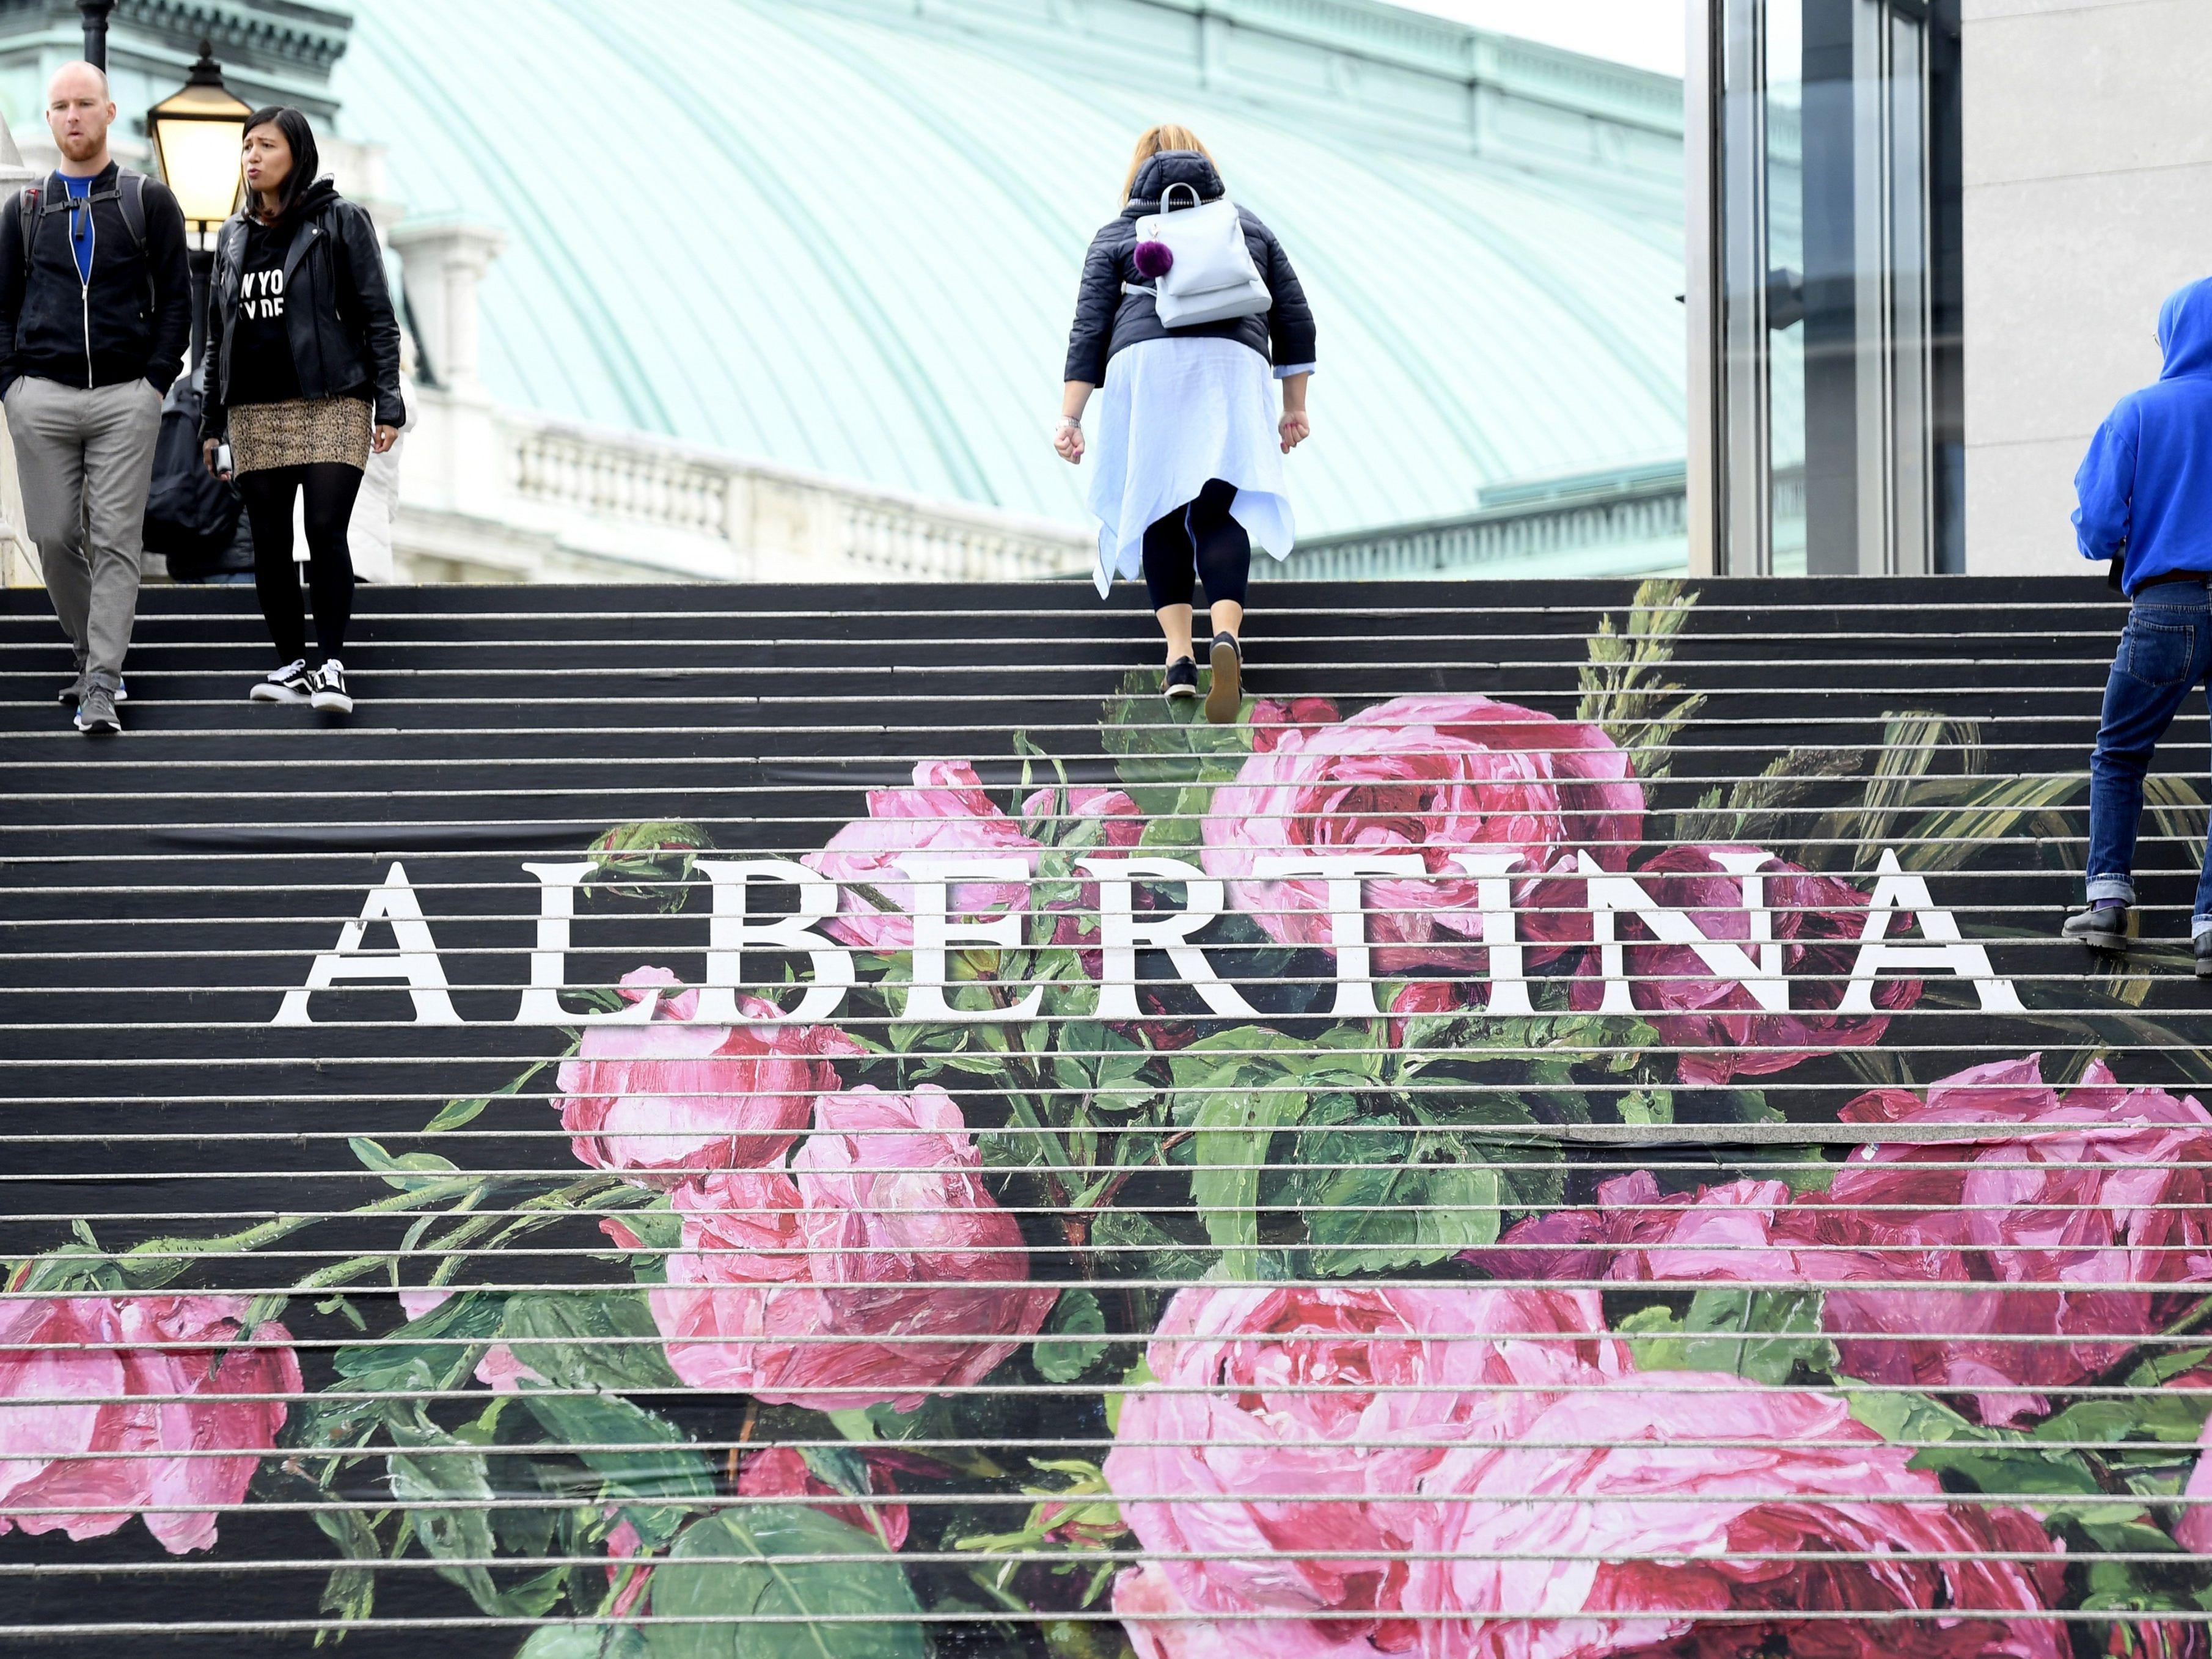 Am 6. Juli findet das Fashion Check-in Special in der Wiener Albertina statt.